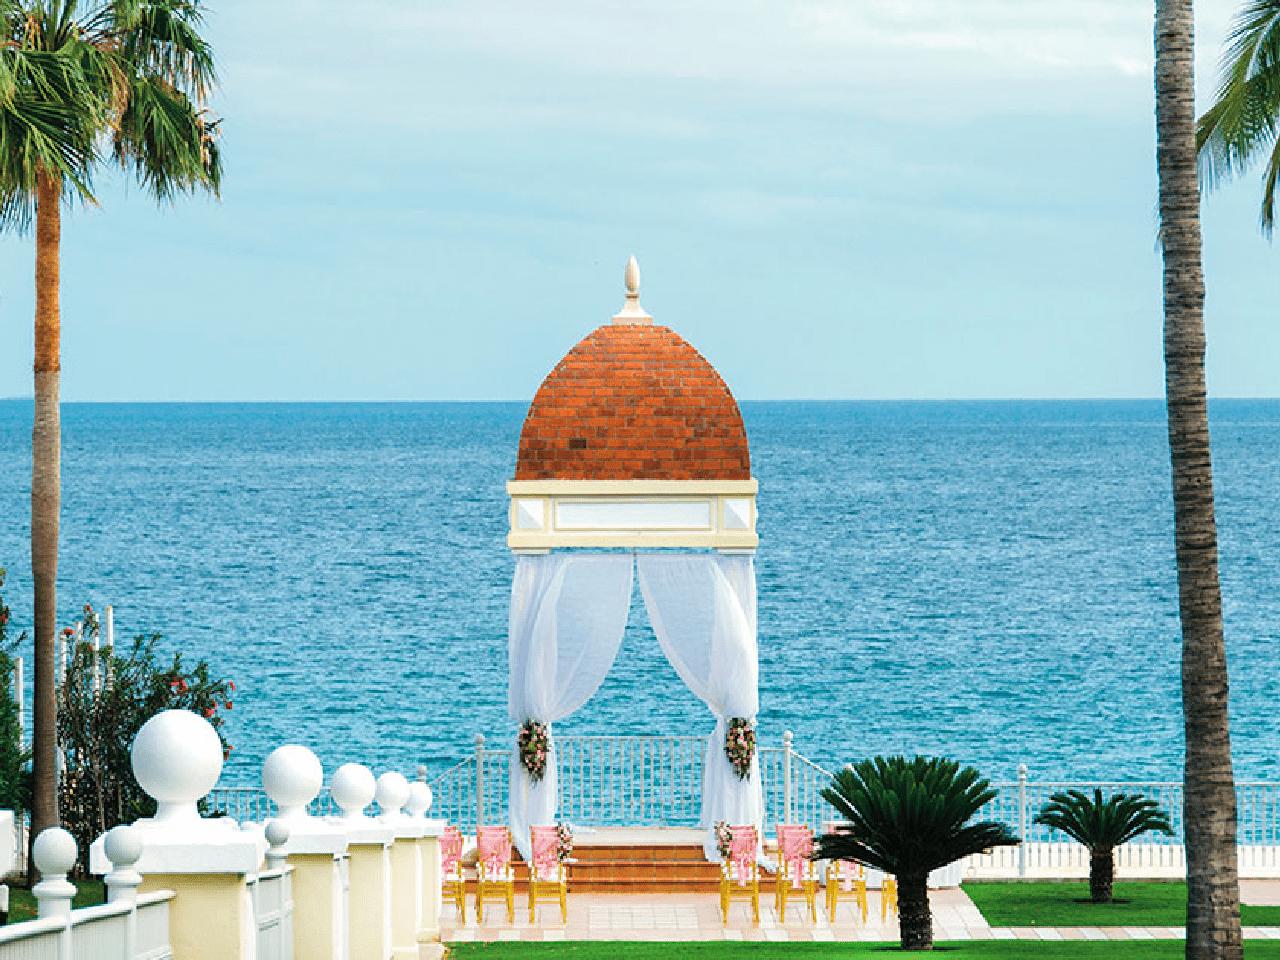 vista de Bodas en la playa